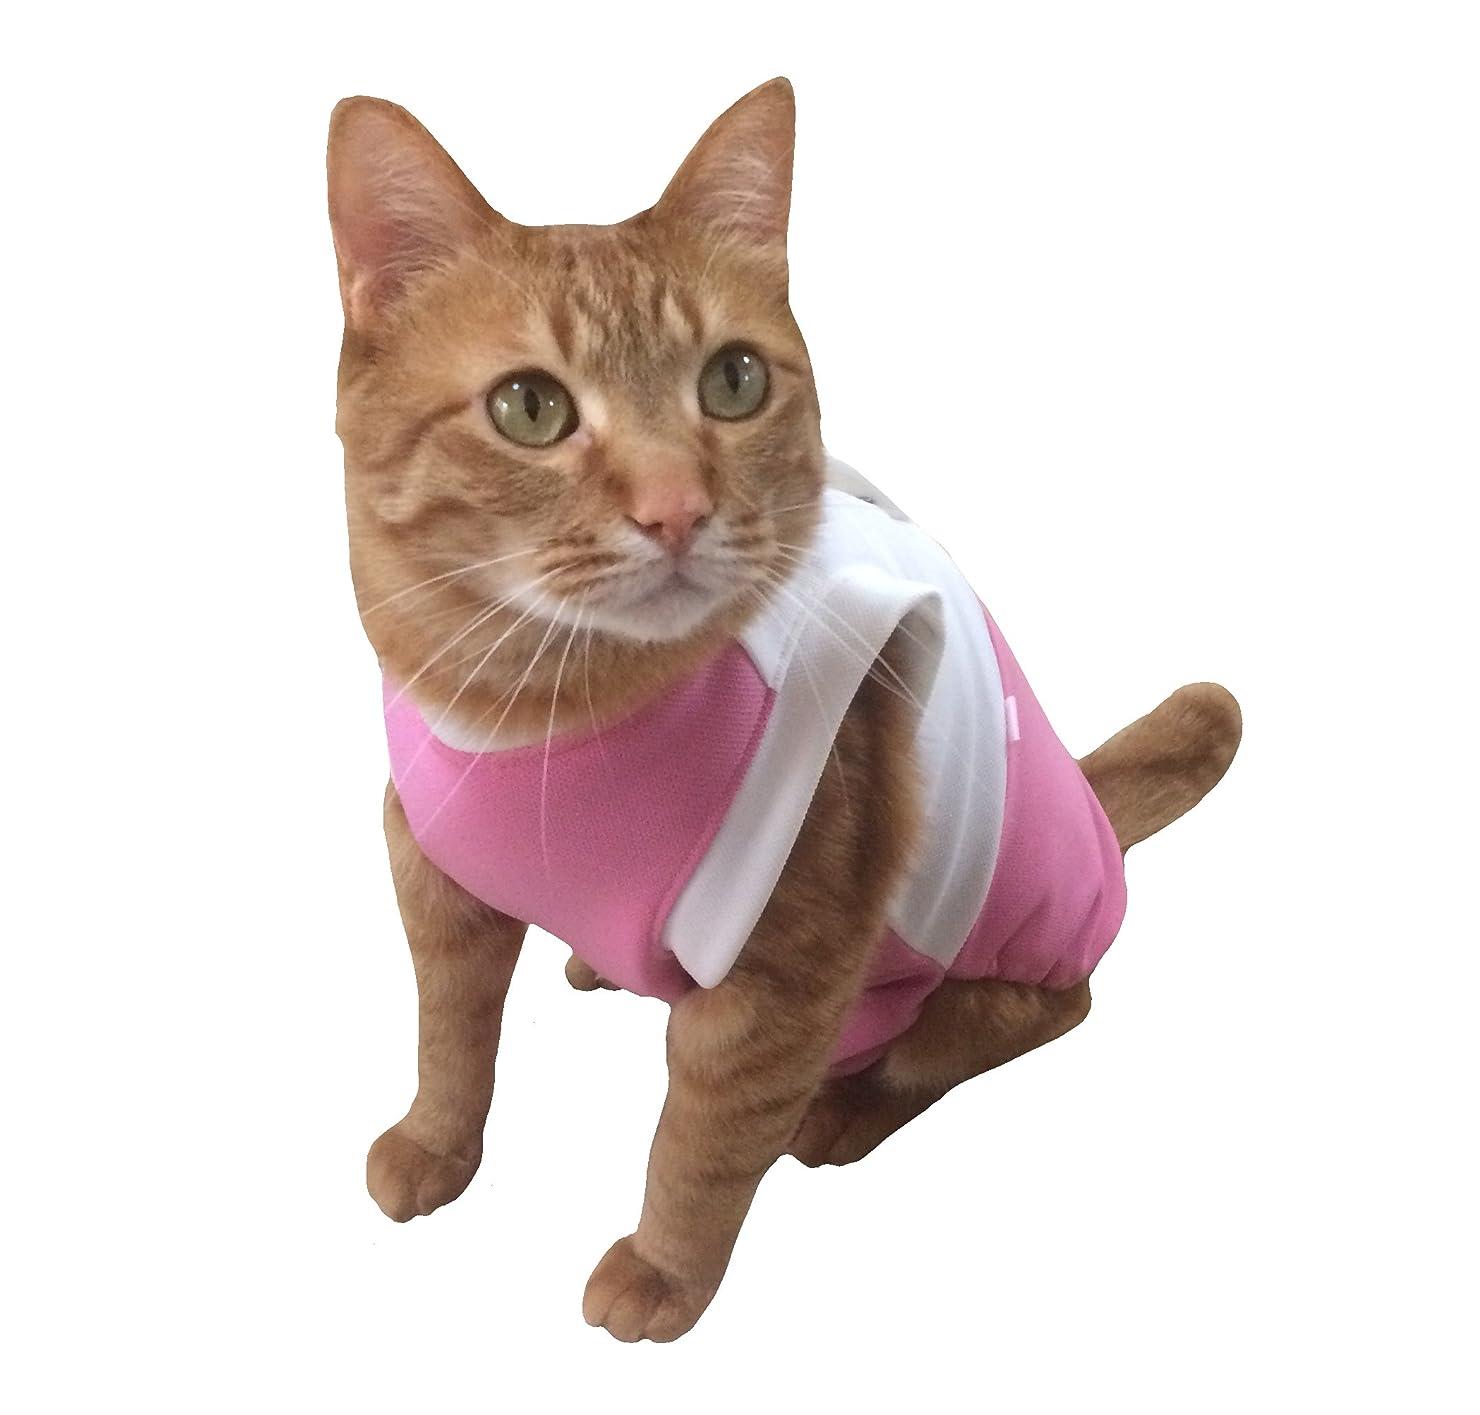 野菜民間人アコー猫 術後服 術後ウェア 猫用術後服 ヘルスケア 猫の術後服 ペット服 避妊 腹部保護 傷口の保護 皮膚保護 M-ピンク